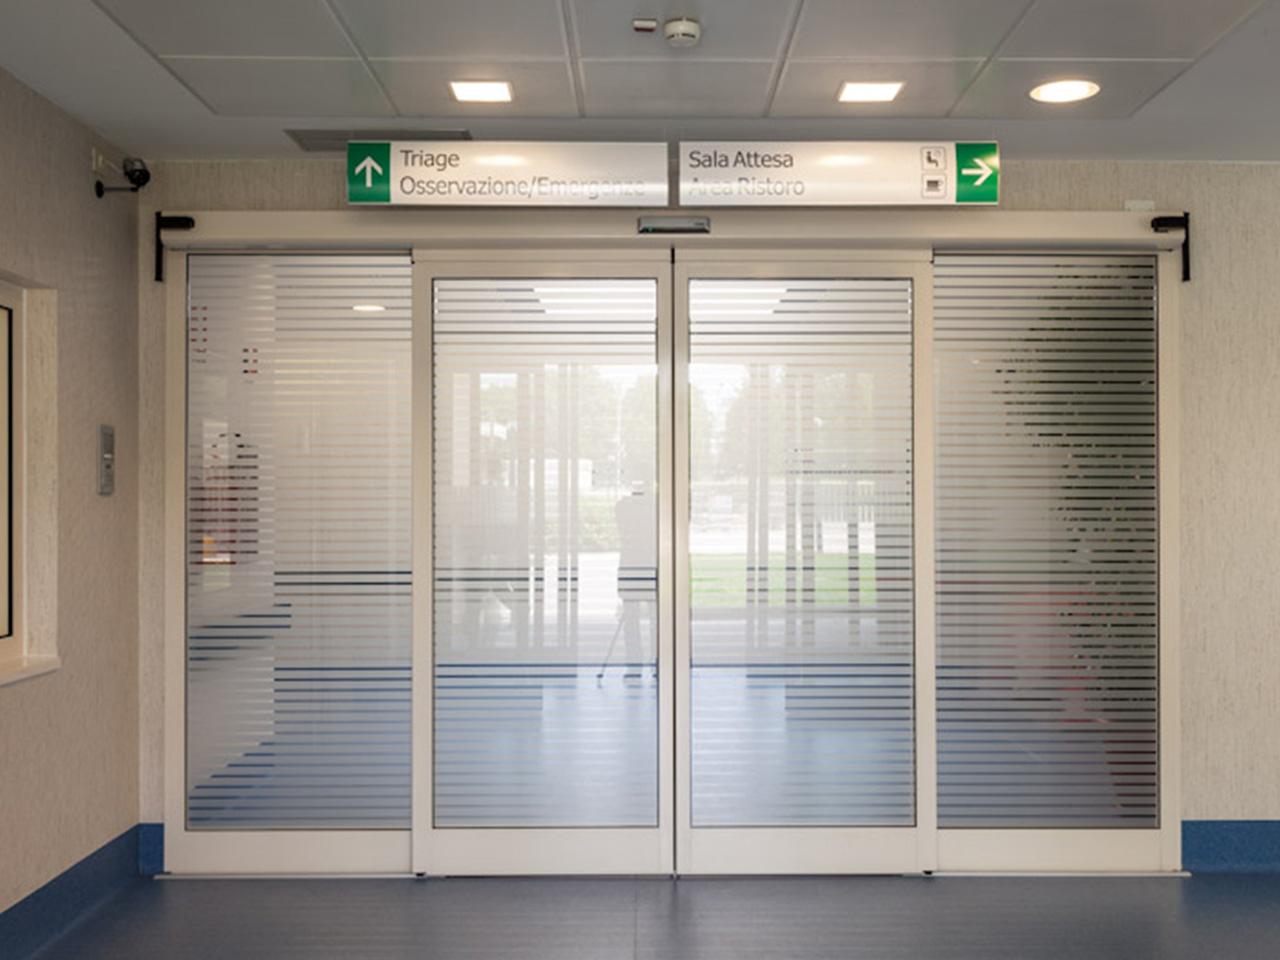 Realizzazione aree ospedaliere - Ospedale Ramazzini Carpi 01